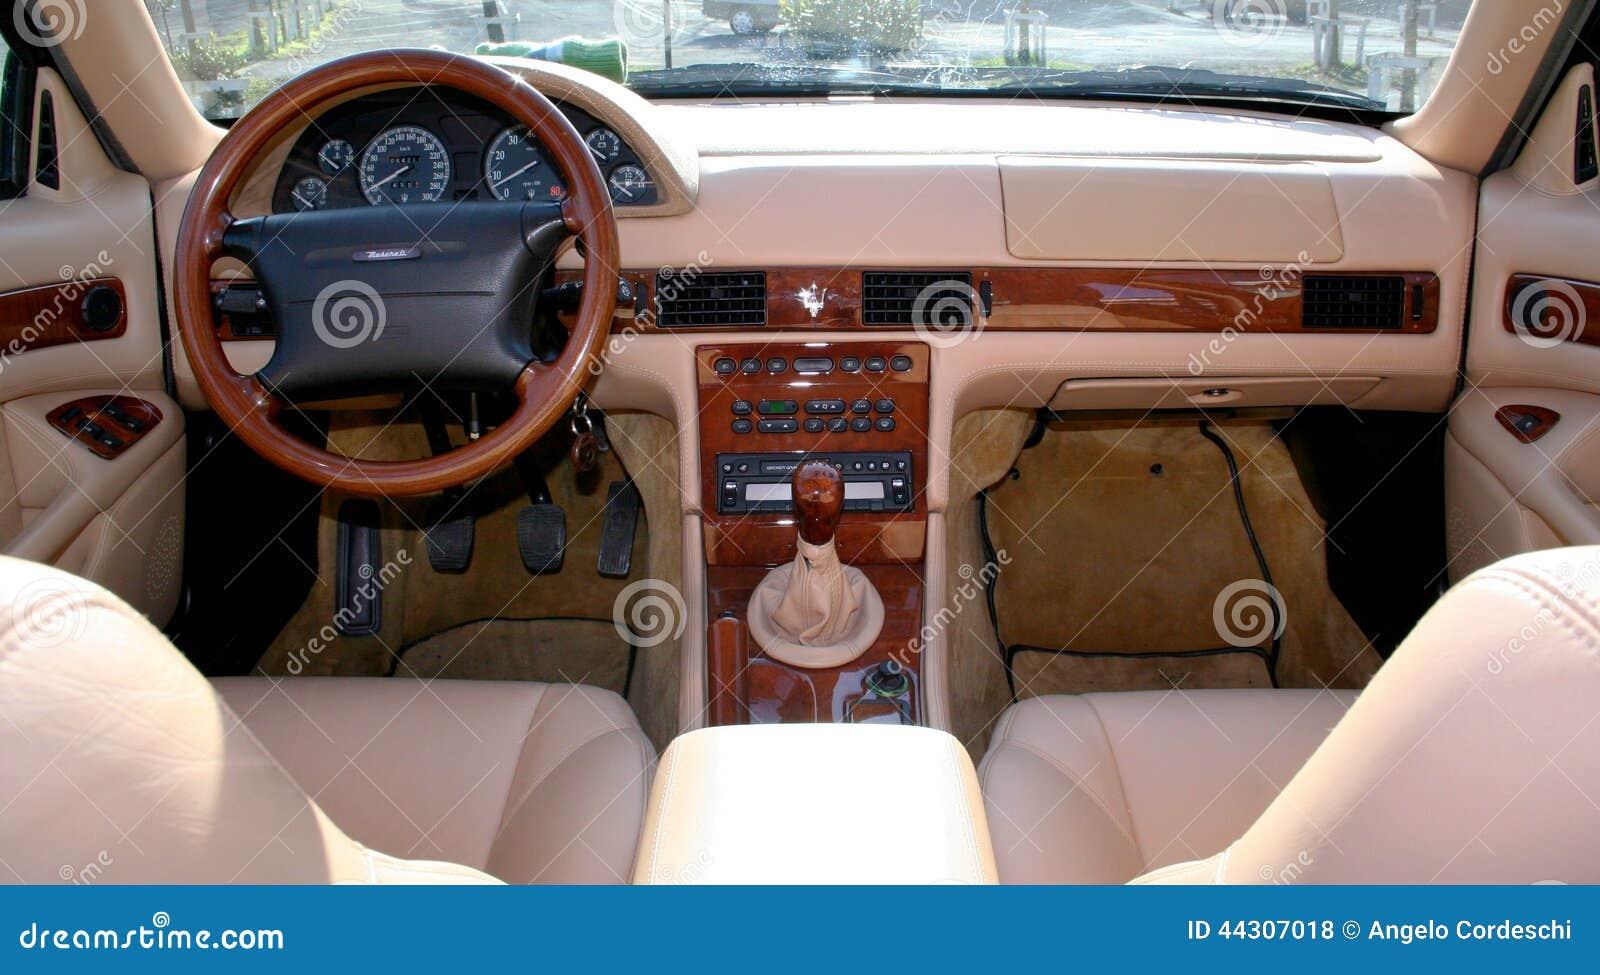 Maserati Quattroporte V6 Evoluzione Editorial Stock Photo Image Of